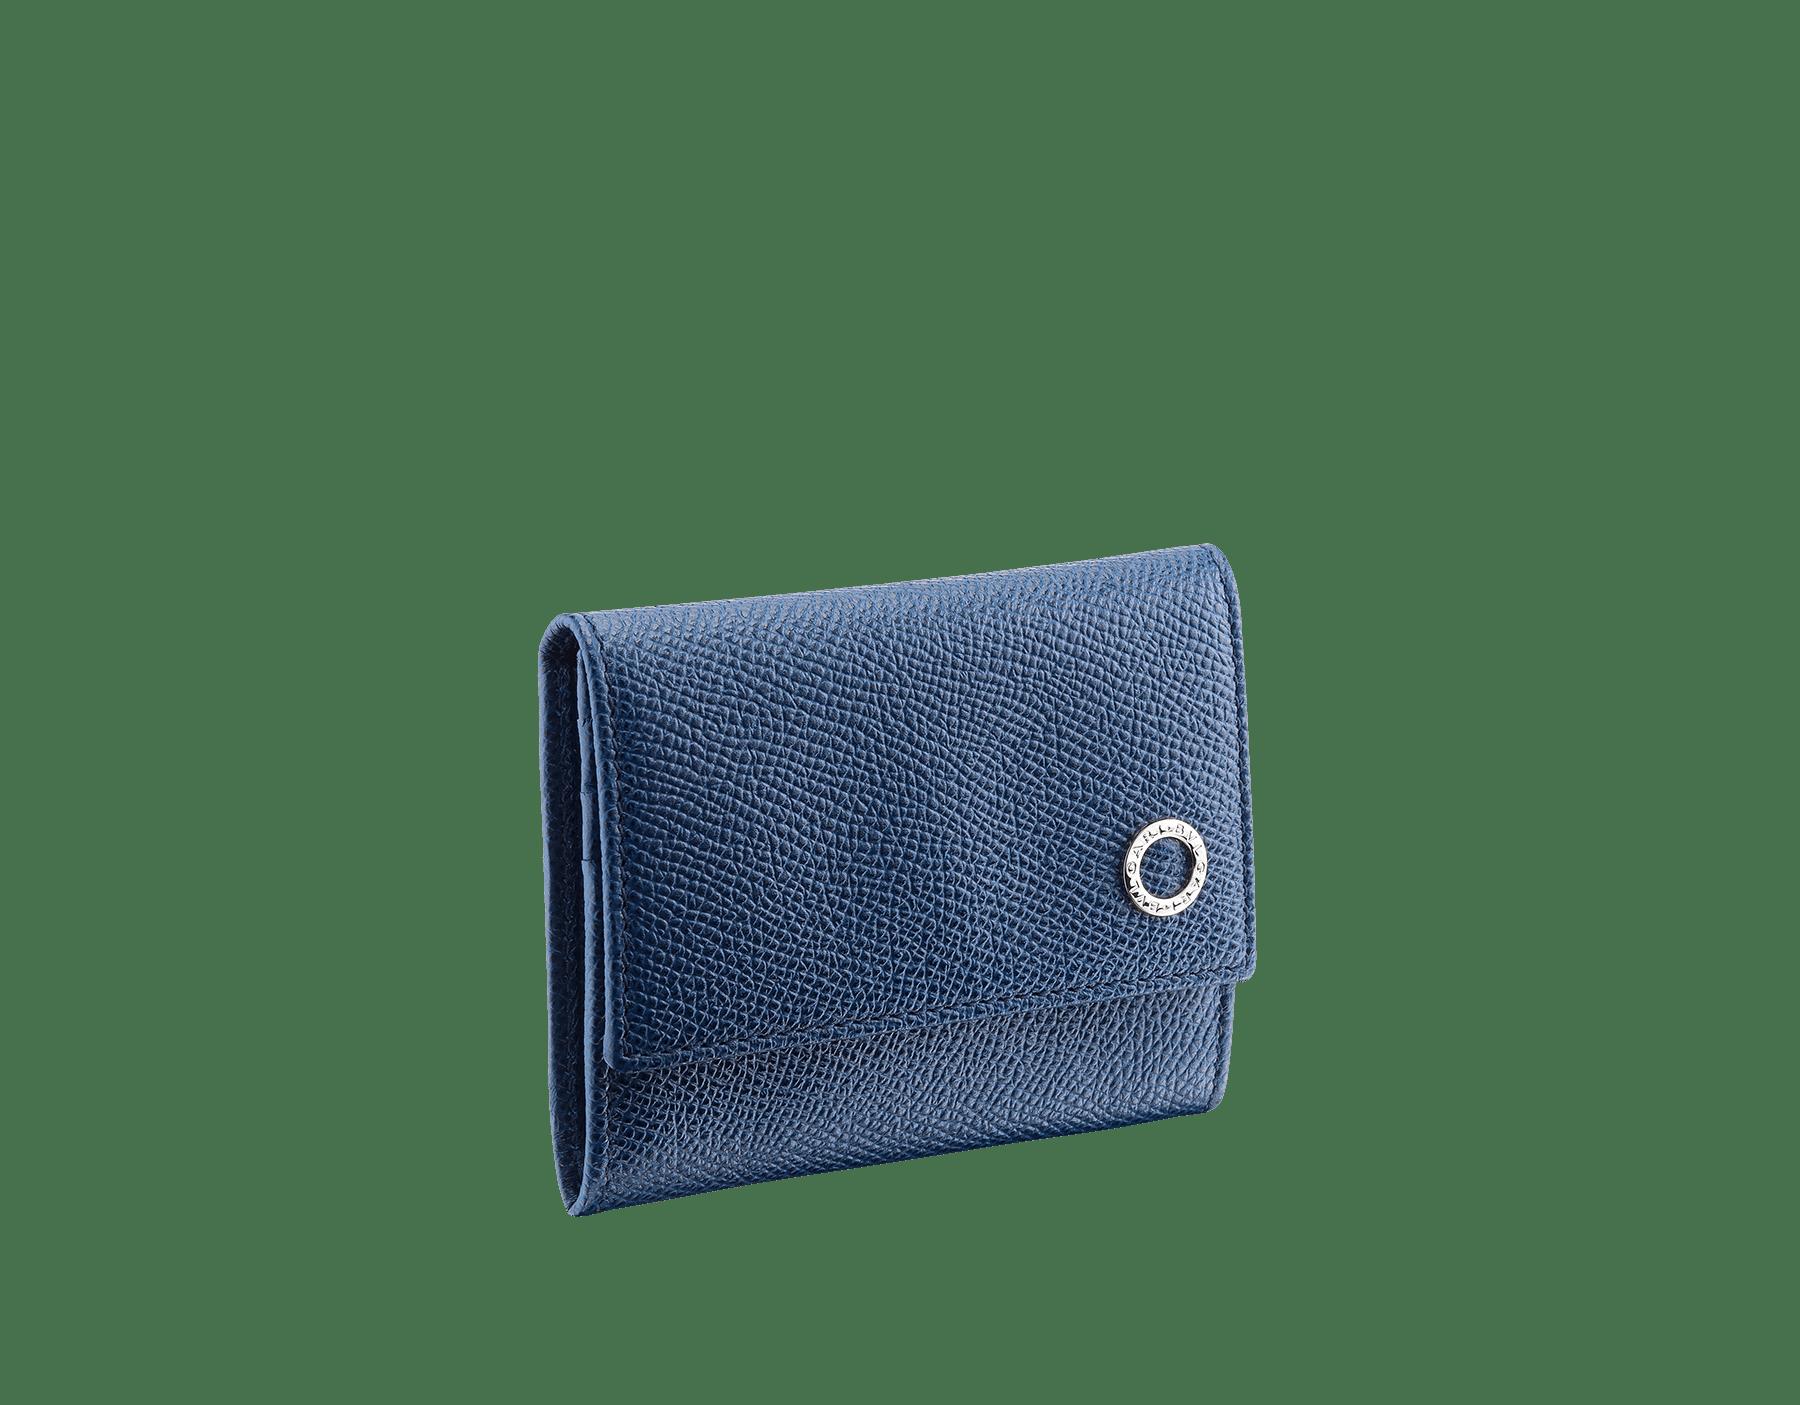 동전 및 카드 지갑. 데님 사파이어 컬러의 그레인 카프 레더 소재에 황동 팔라듐이 도금된 불가리 불가리 모티브 장식. 282609 image 1